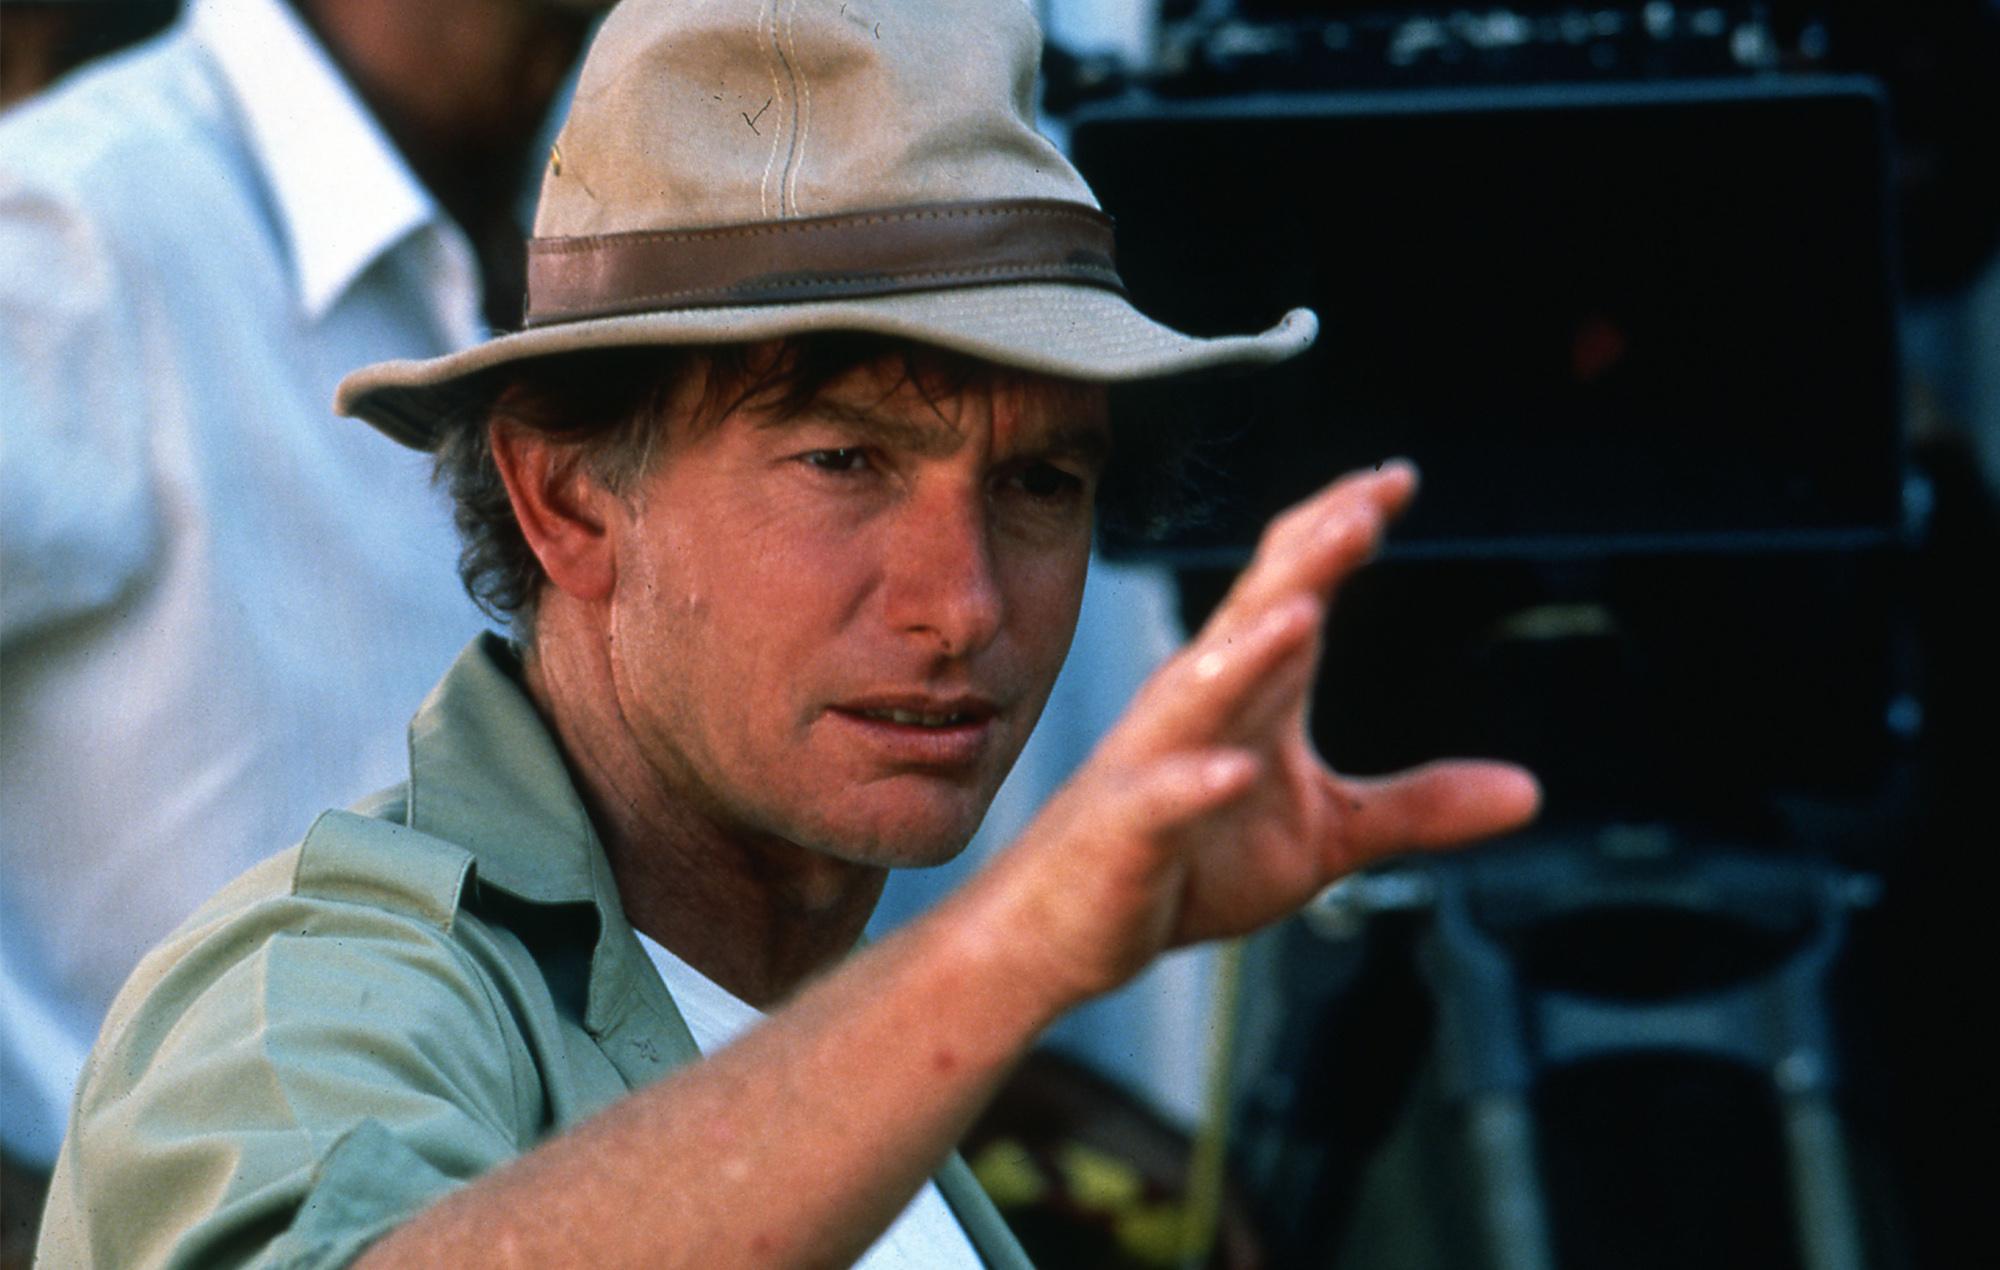 Peter Weir's filmography